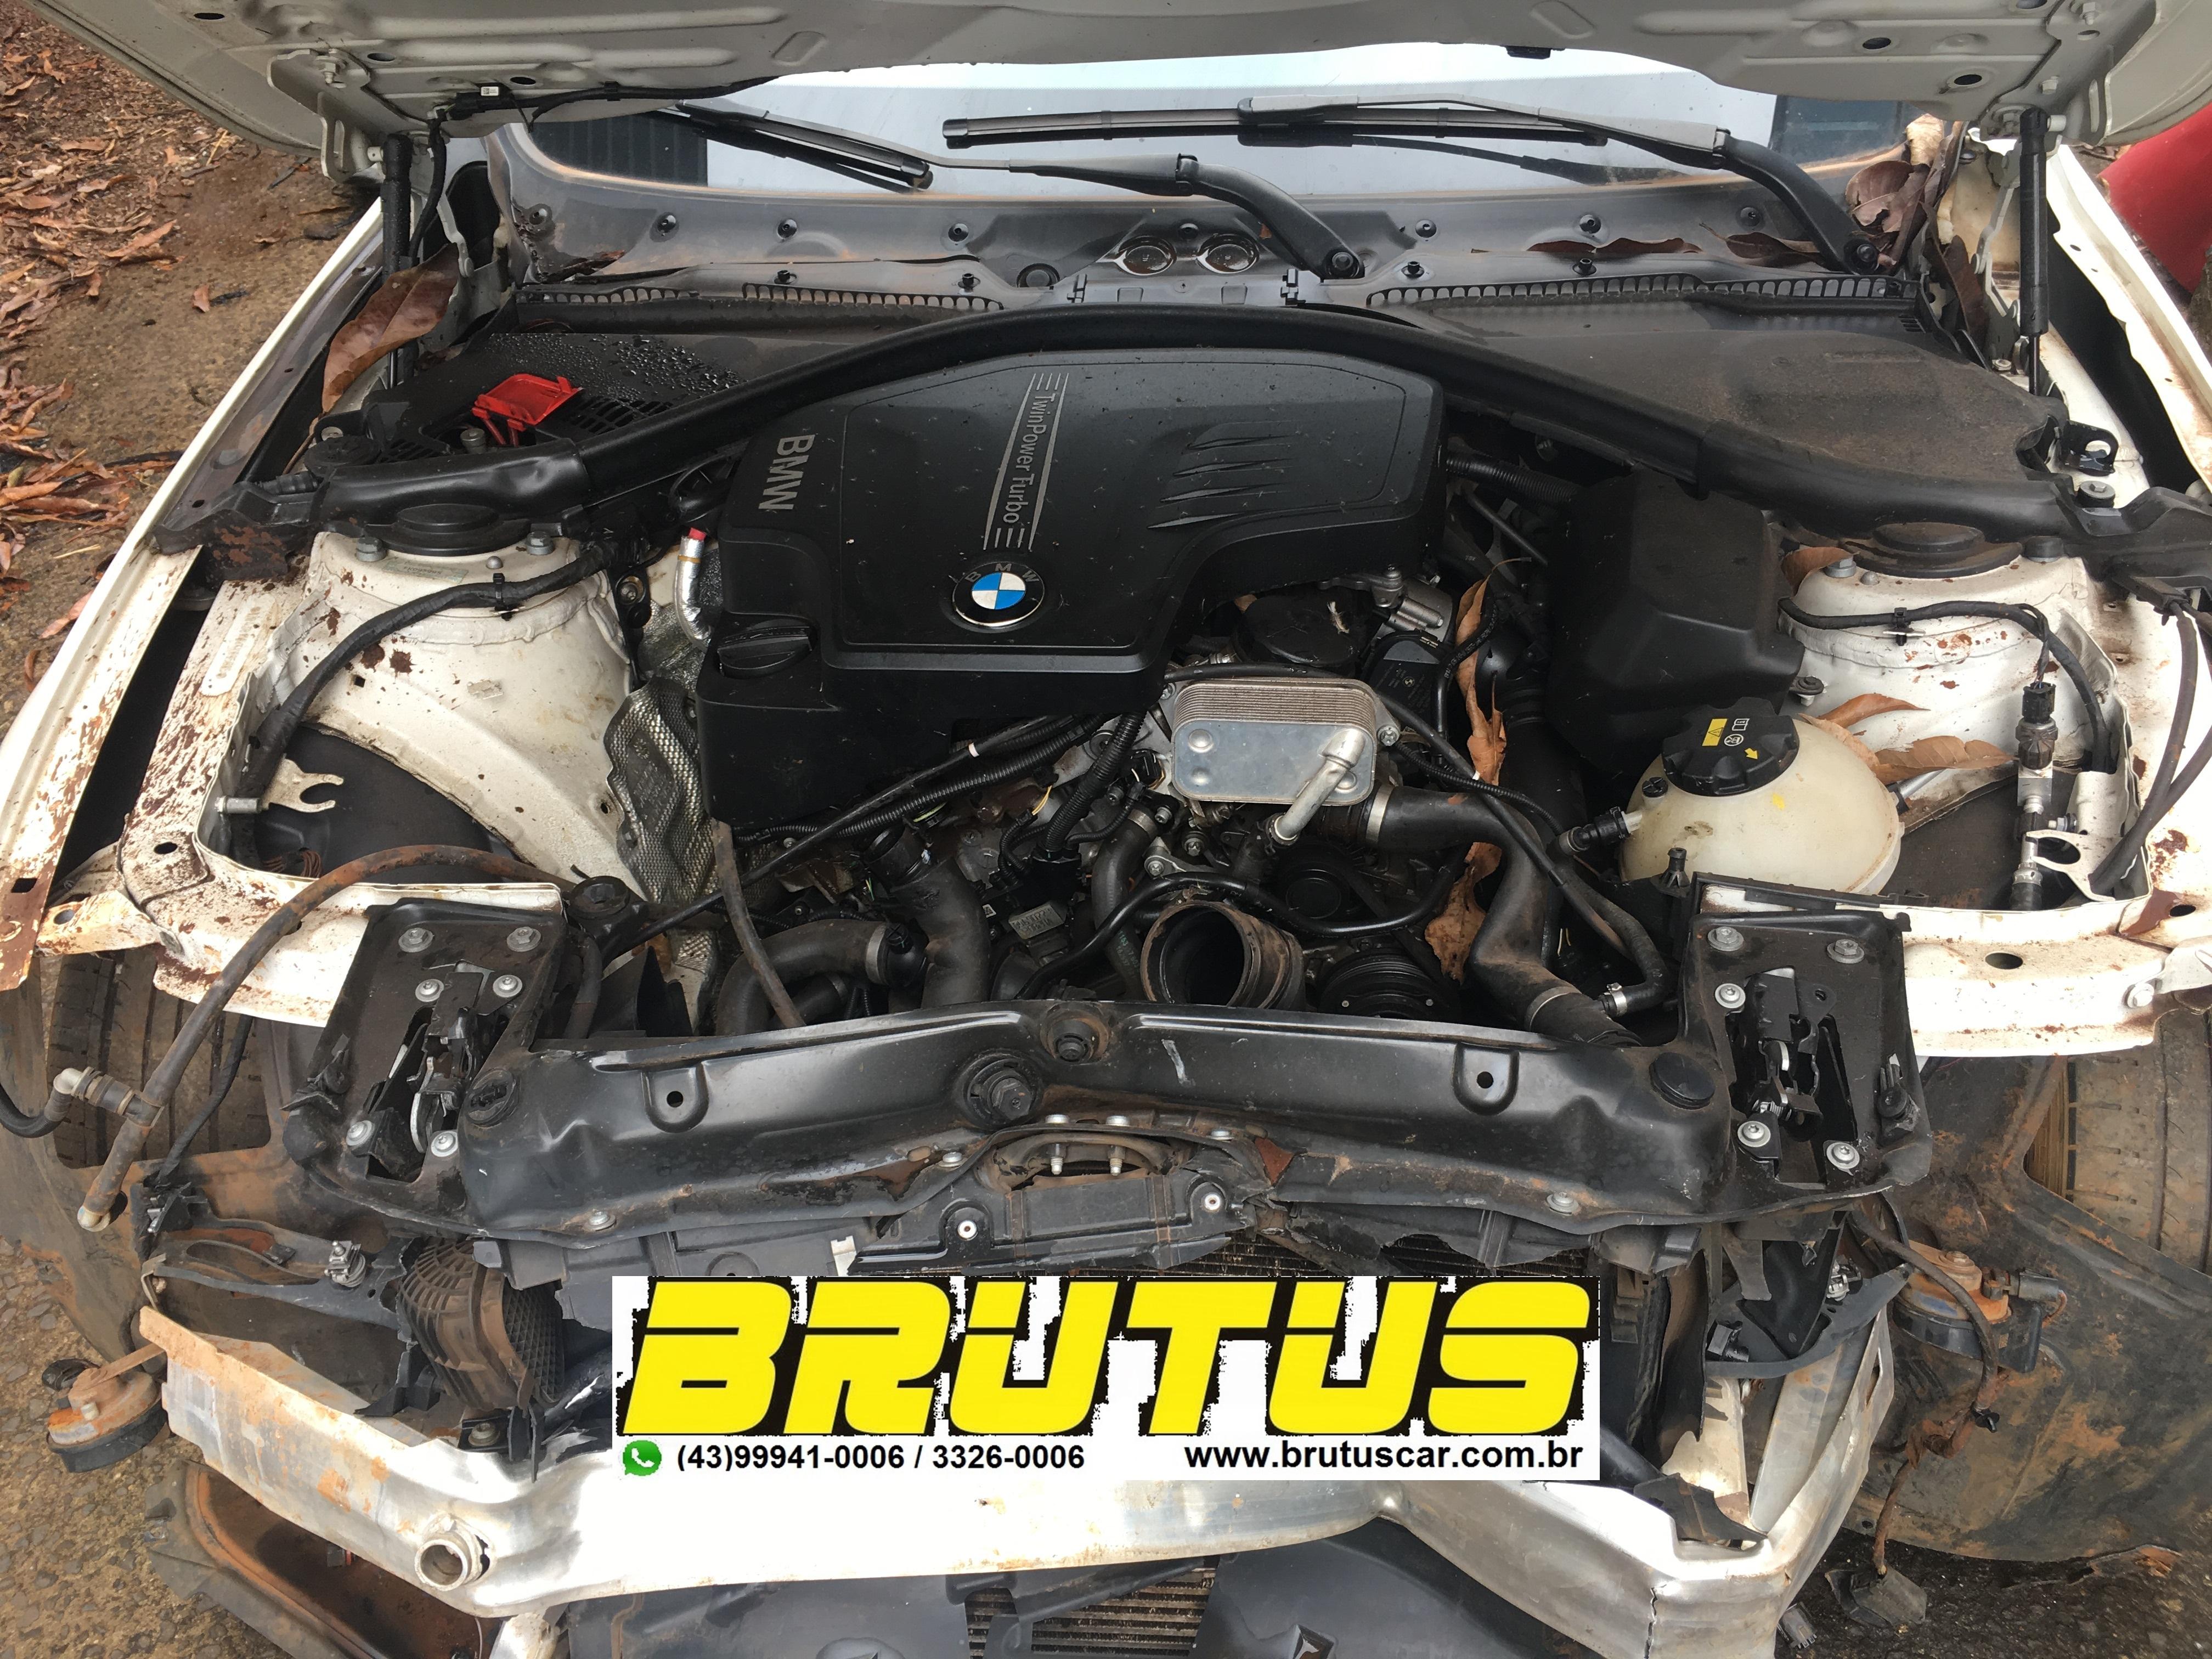 Sucata Bmw 320i 2015 | Brutus car